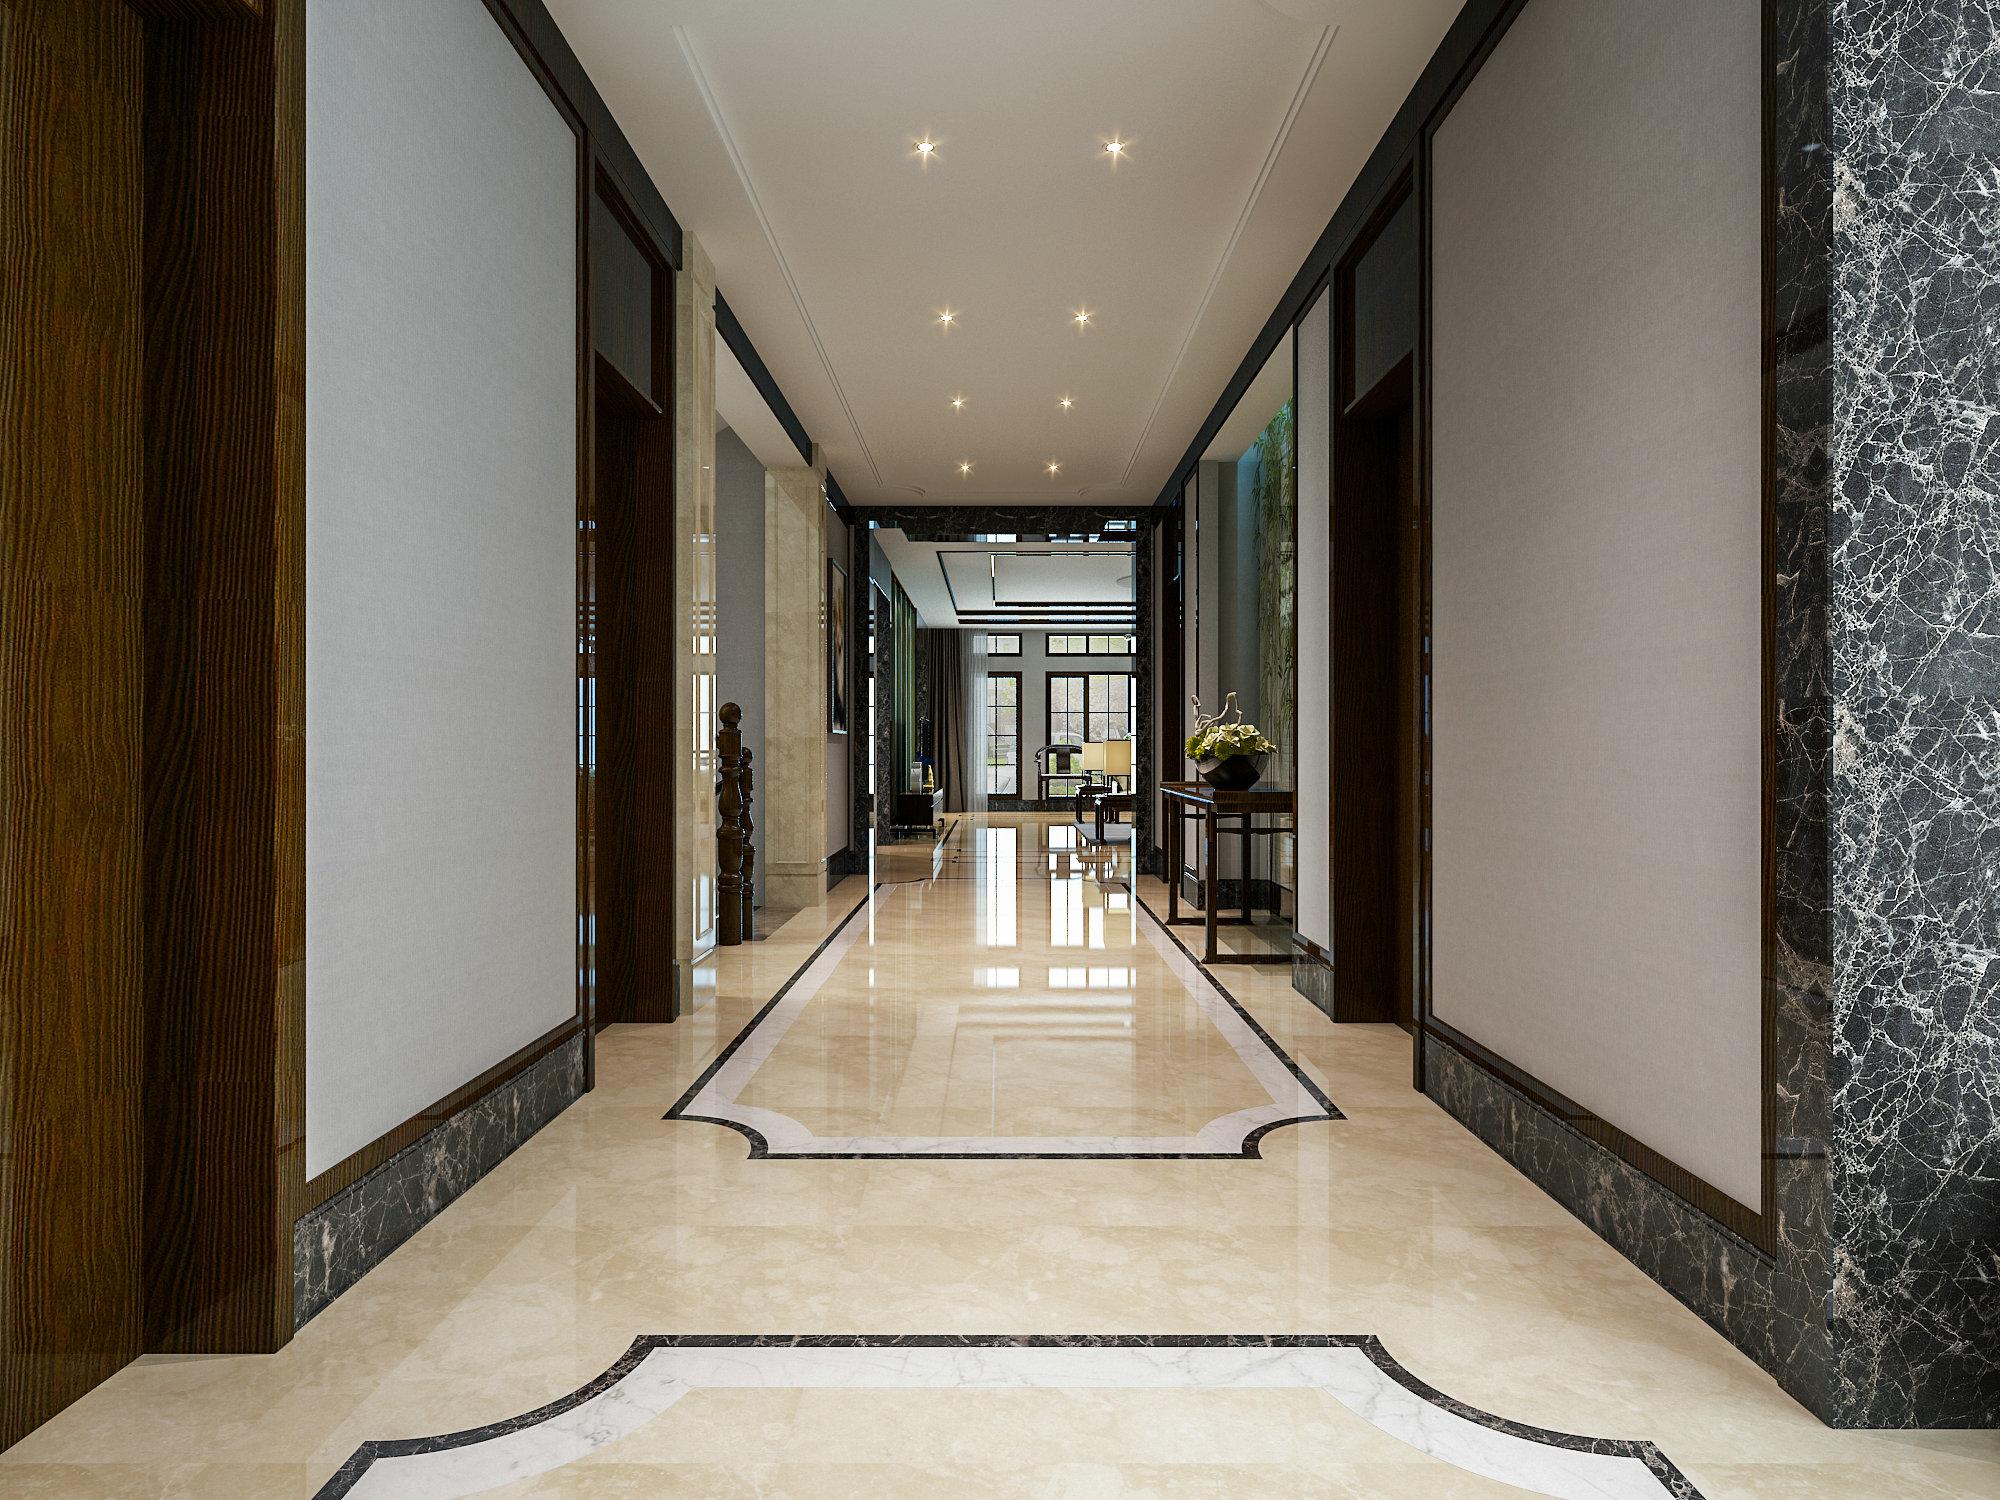 虹桥高尔夫 别墅装修 新中式风格 腾龙设计 其他图片来自孔继民在虹桥高尔夫别墅新中式风格设计的分享